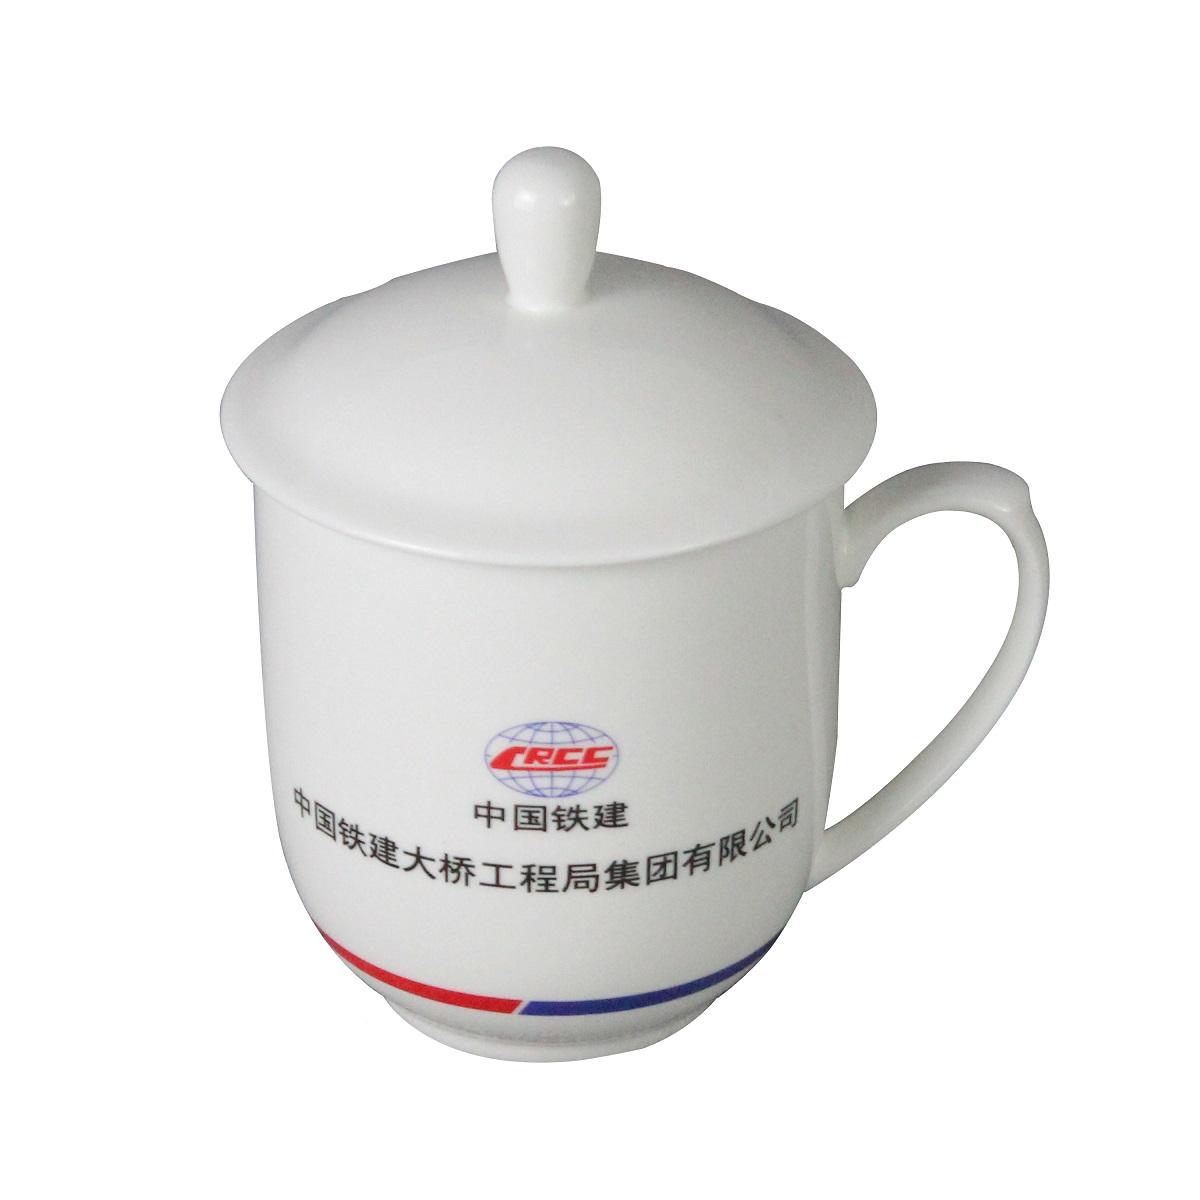 定做陶瓷茶杯 陶瓷办公茶杯厂家